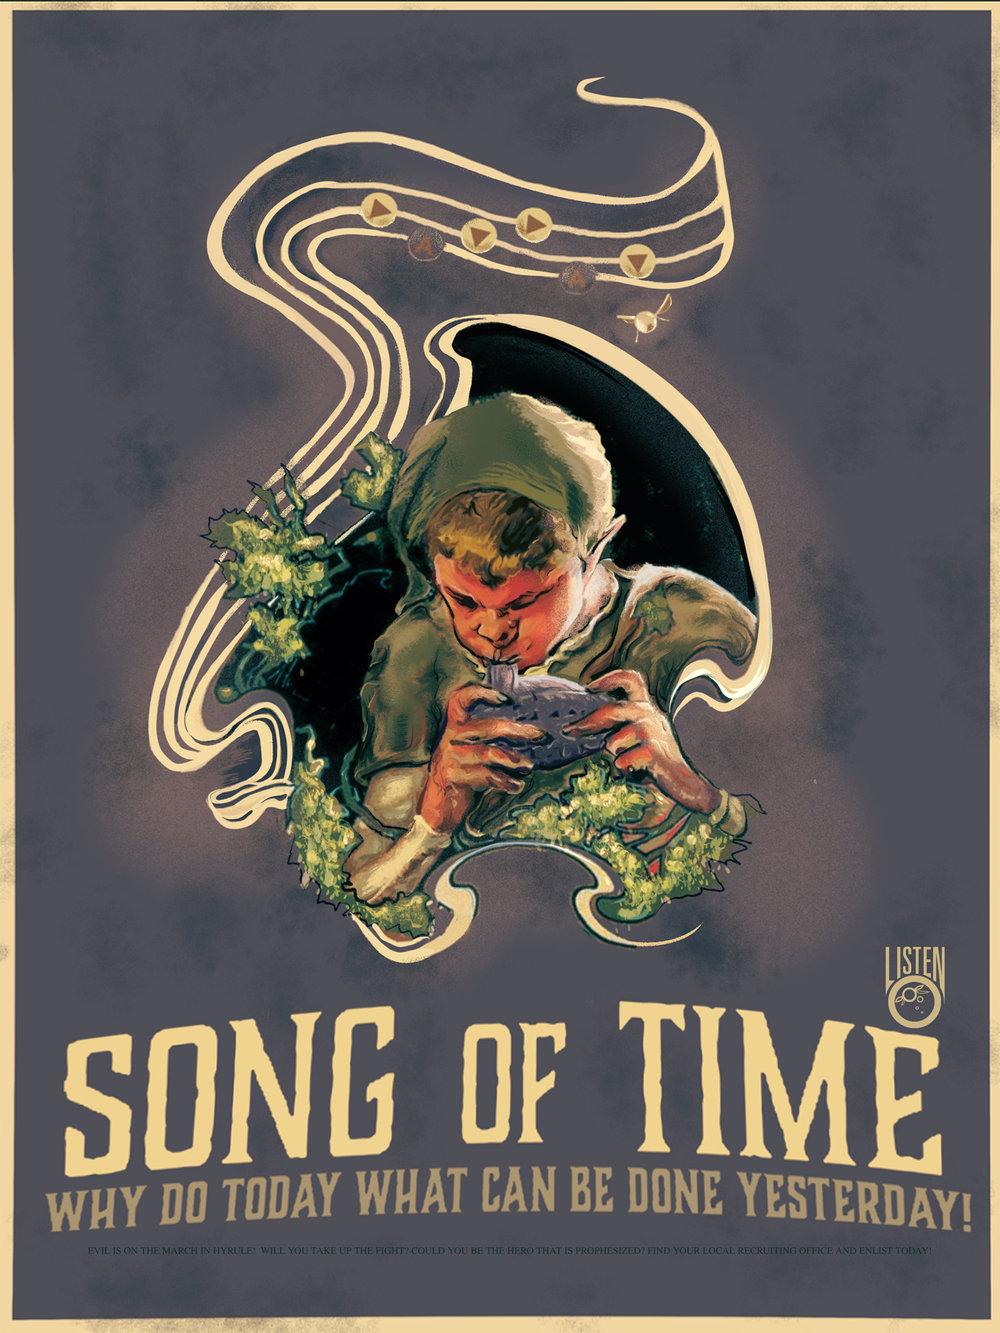 zelda-song-of-time.jpg